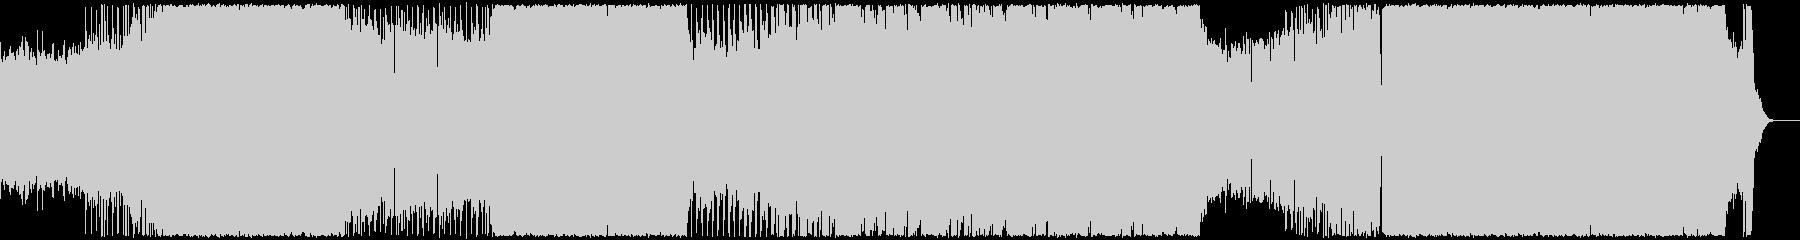 バトル/軍隊の行進/敵軍との衝突/攻撃の未再生の波形